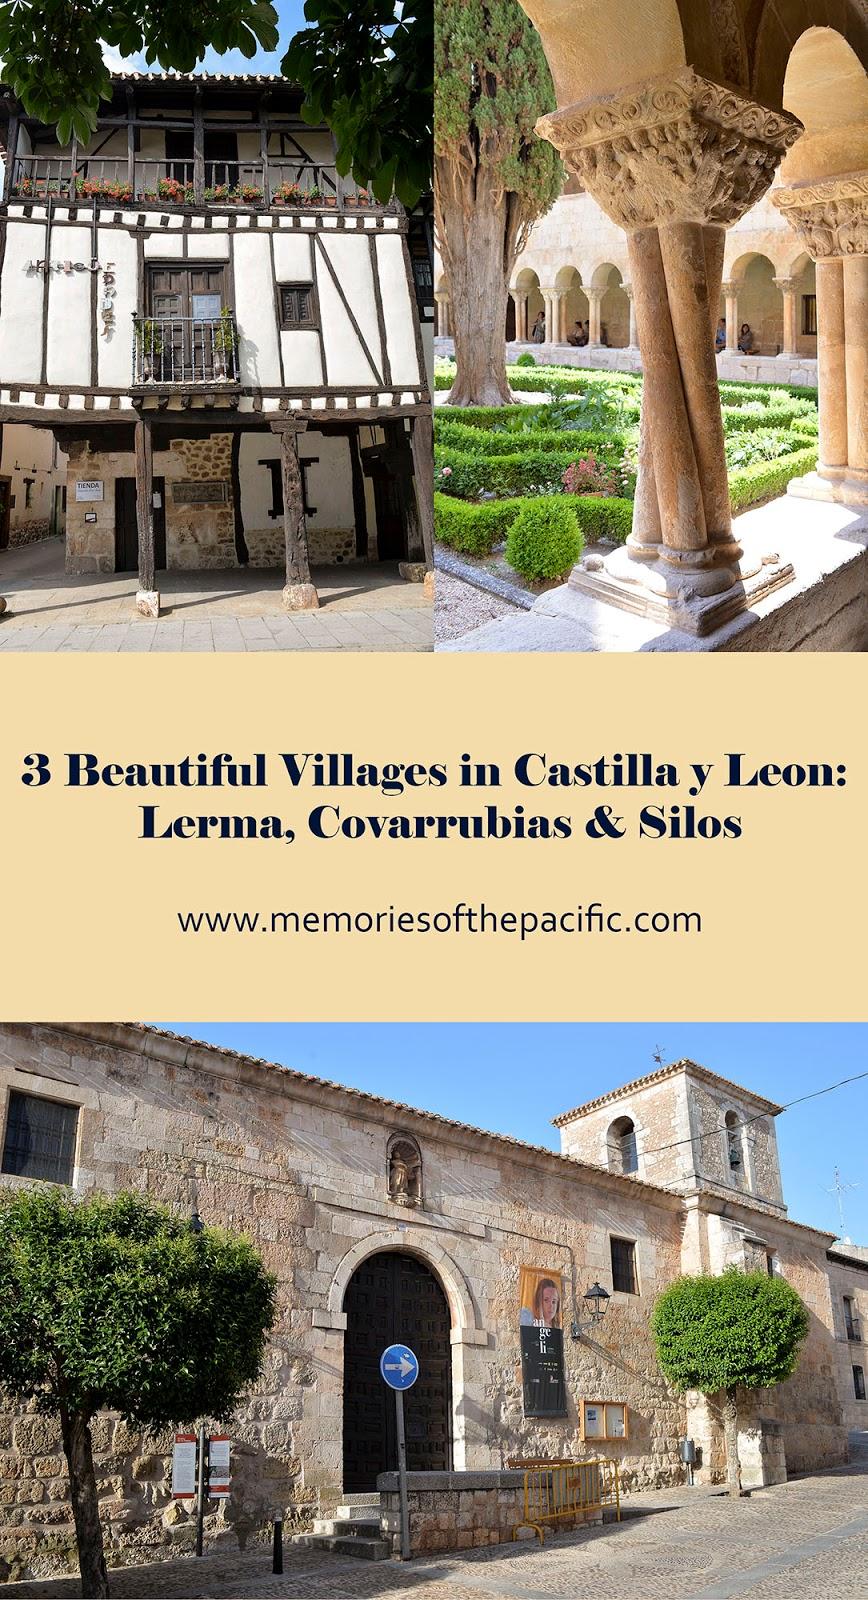 lerma covarrubias santo domingo silos castile leon burgos spain village